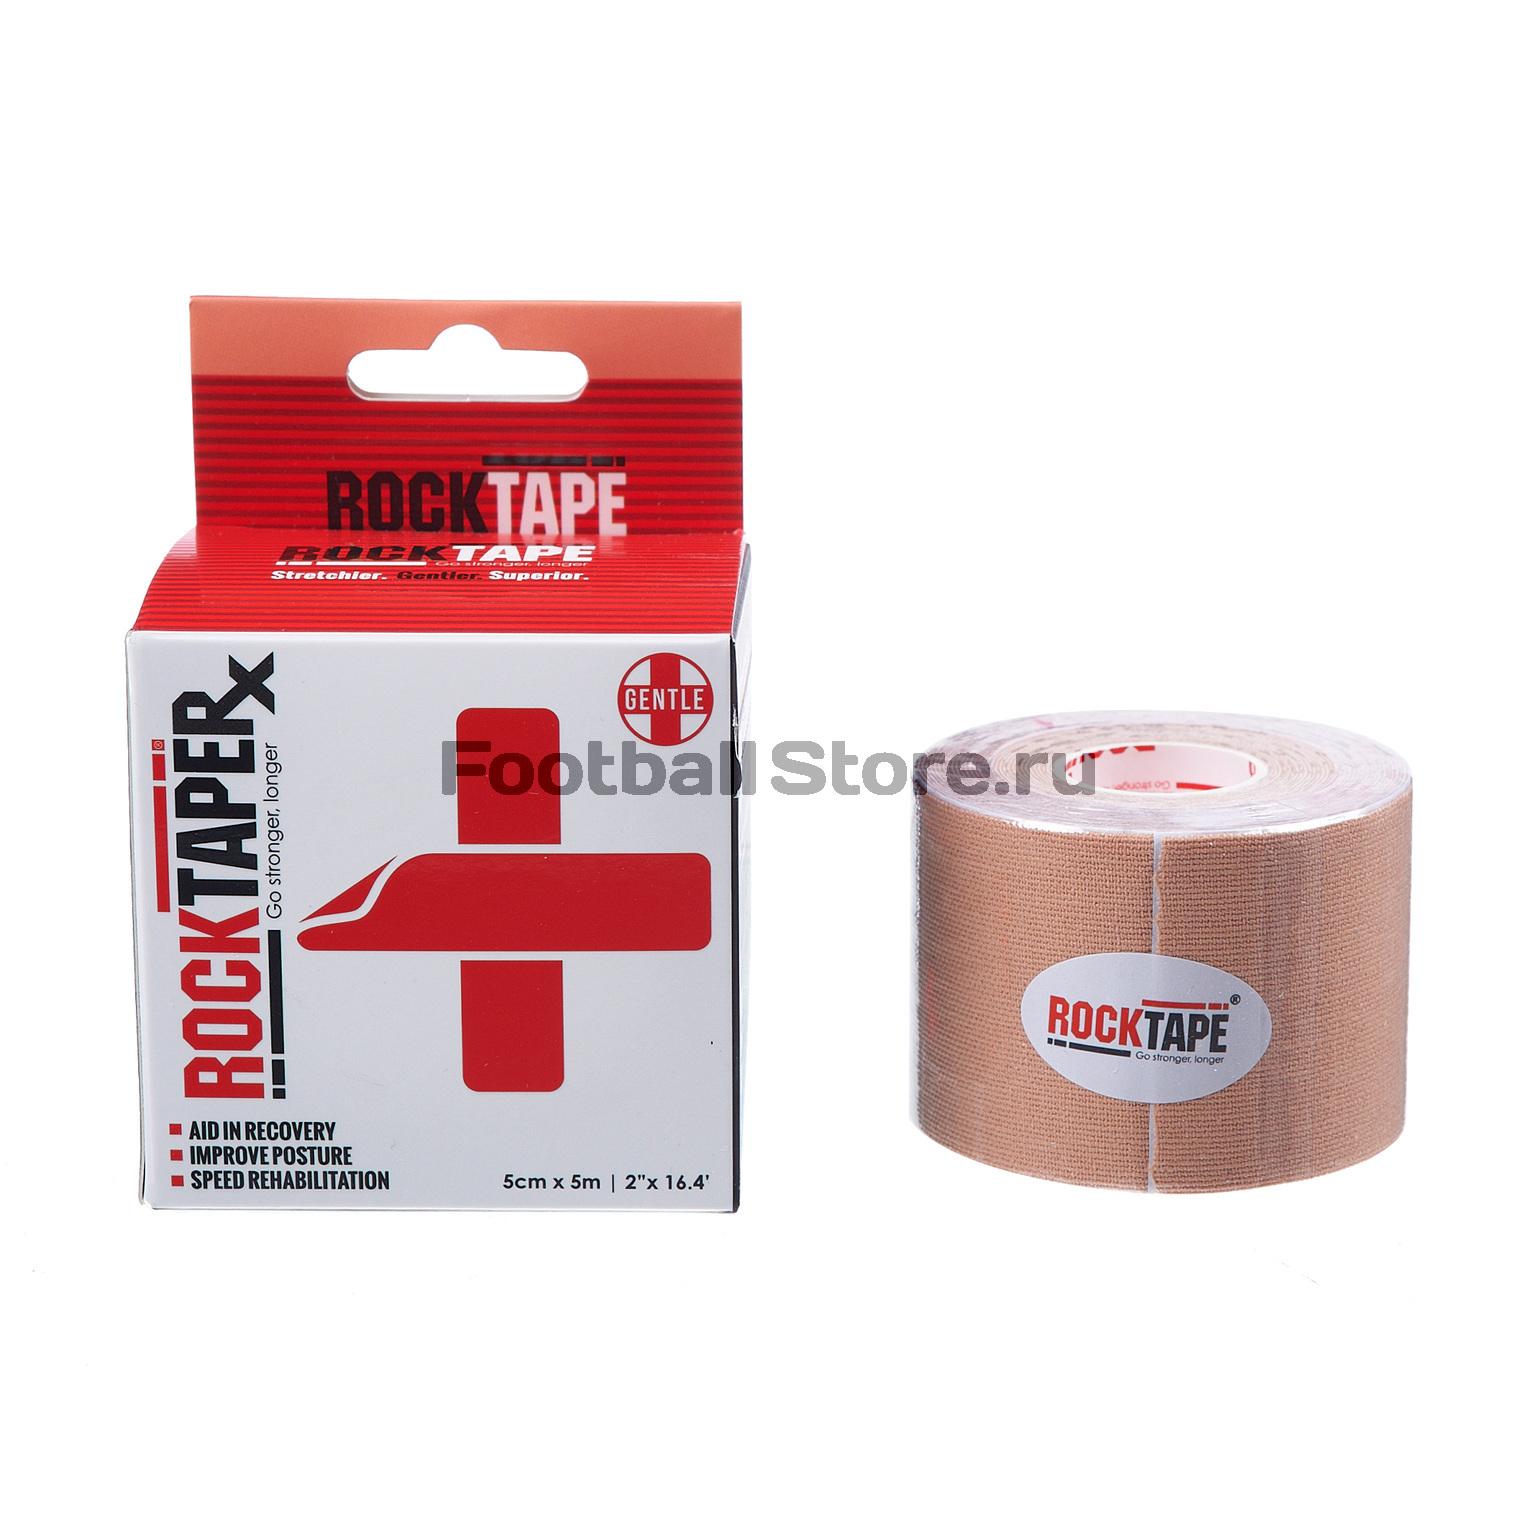 Тейп RocktapeRX Кинезиотейп, 5см x 5м, телесный набор форм для выпечки menu 5см 3 5см 50шт бумага